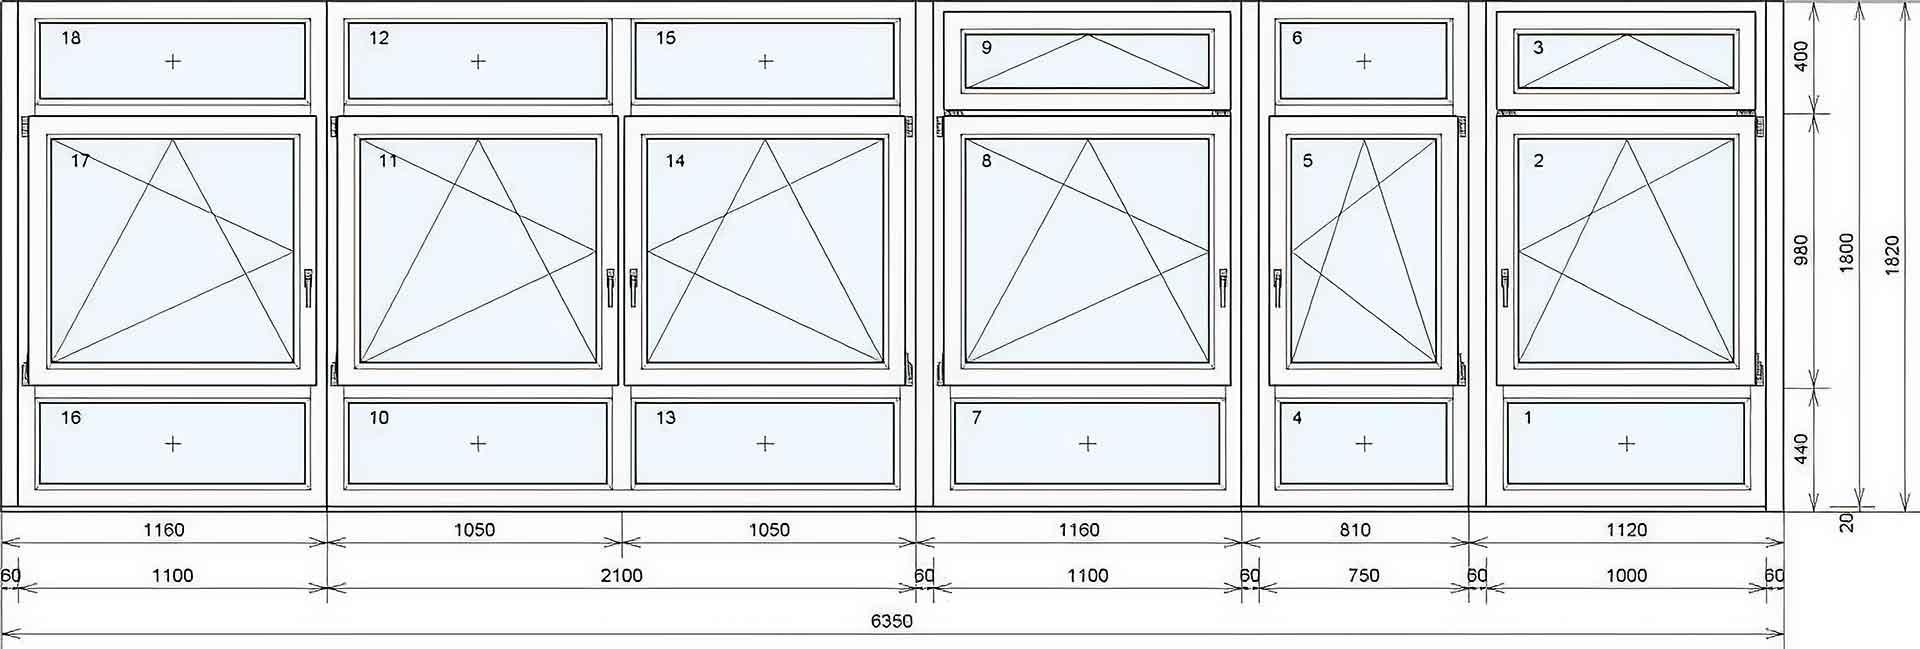 Срок службы таких новых оконных или дверных вклеенных конструкций сравним с долговечностью клея